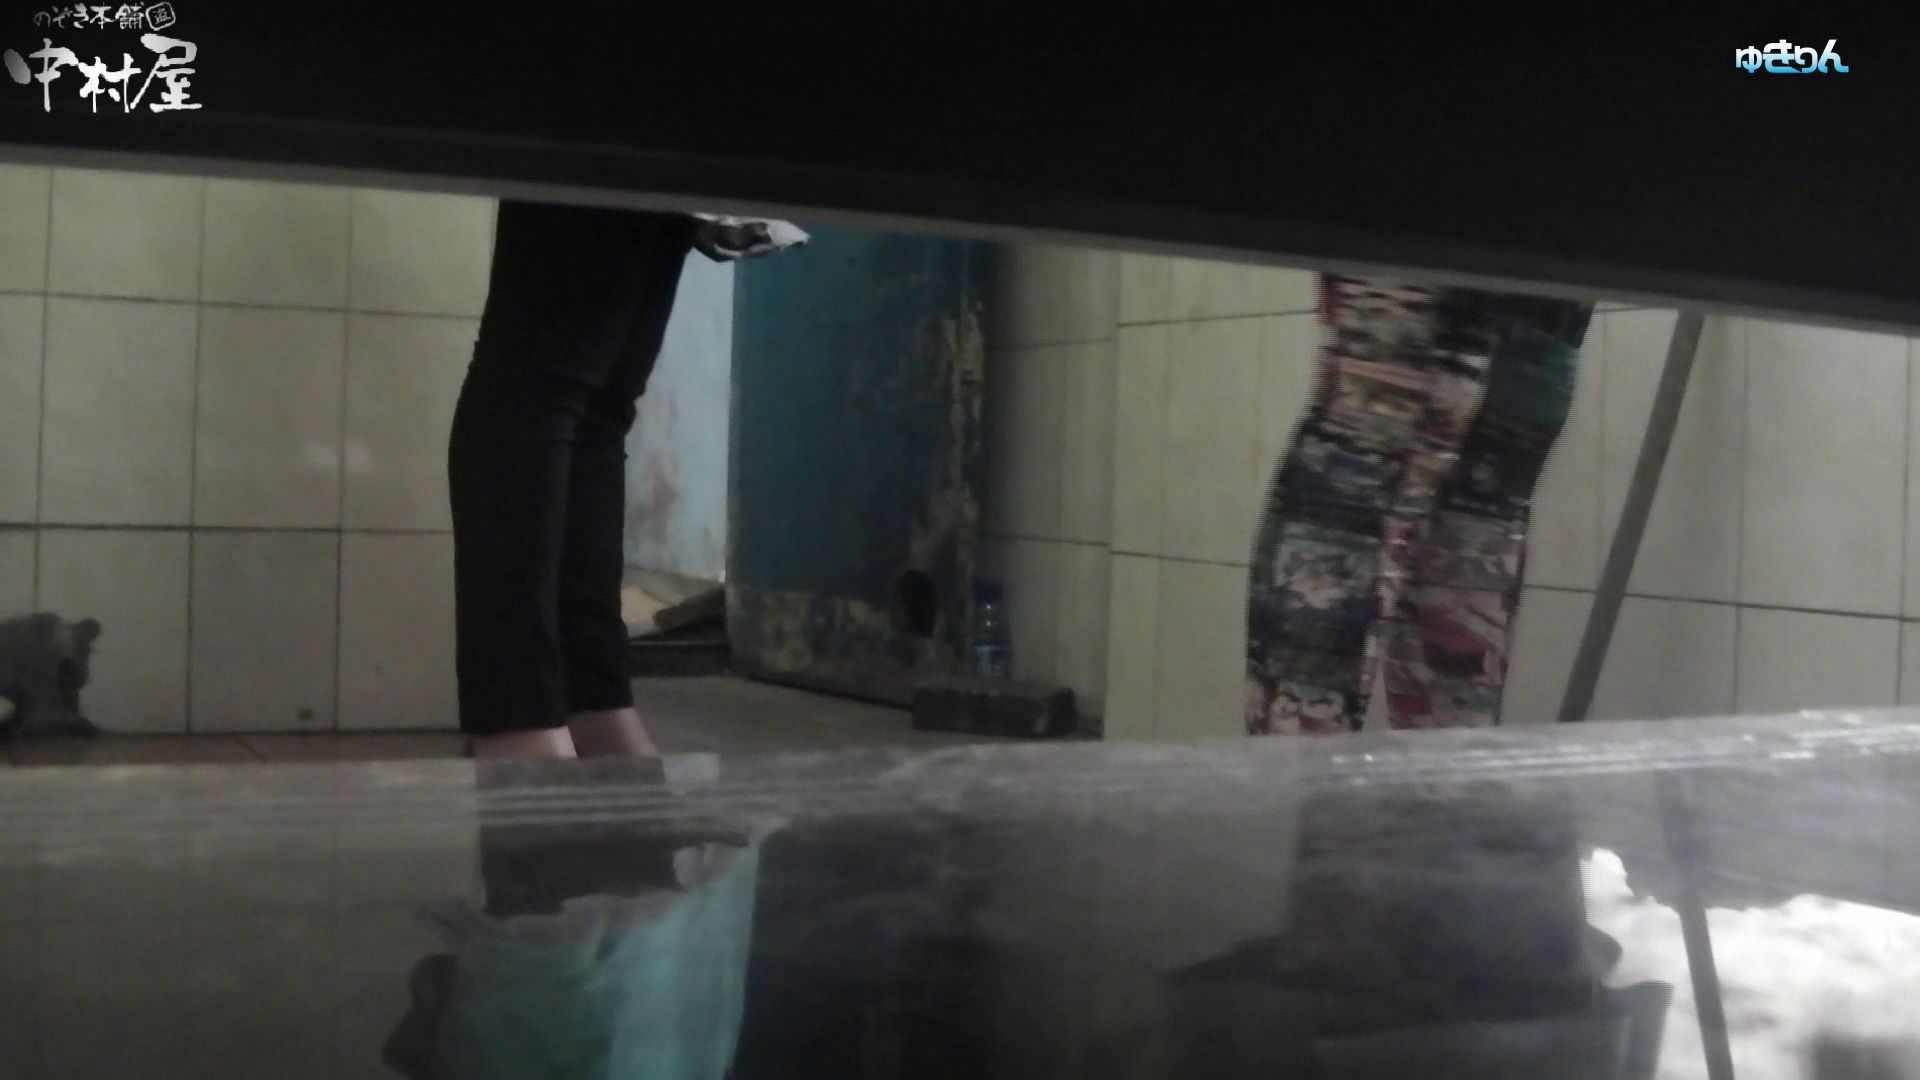 世界の射窓から~ステーション編 vol58 0.1%の確率!!吸い付こまれるプレミアム聖地 盗撮特集   おまんこ  83画像 82